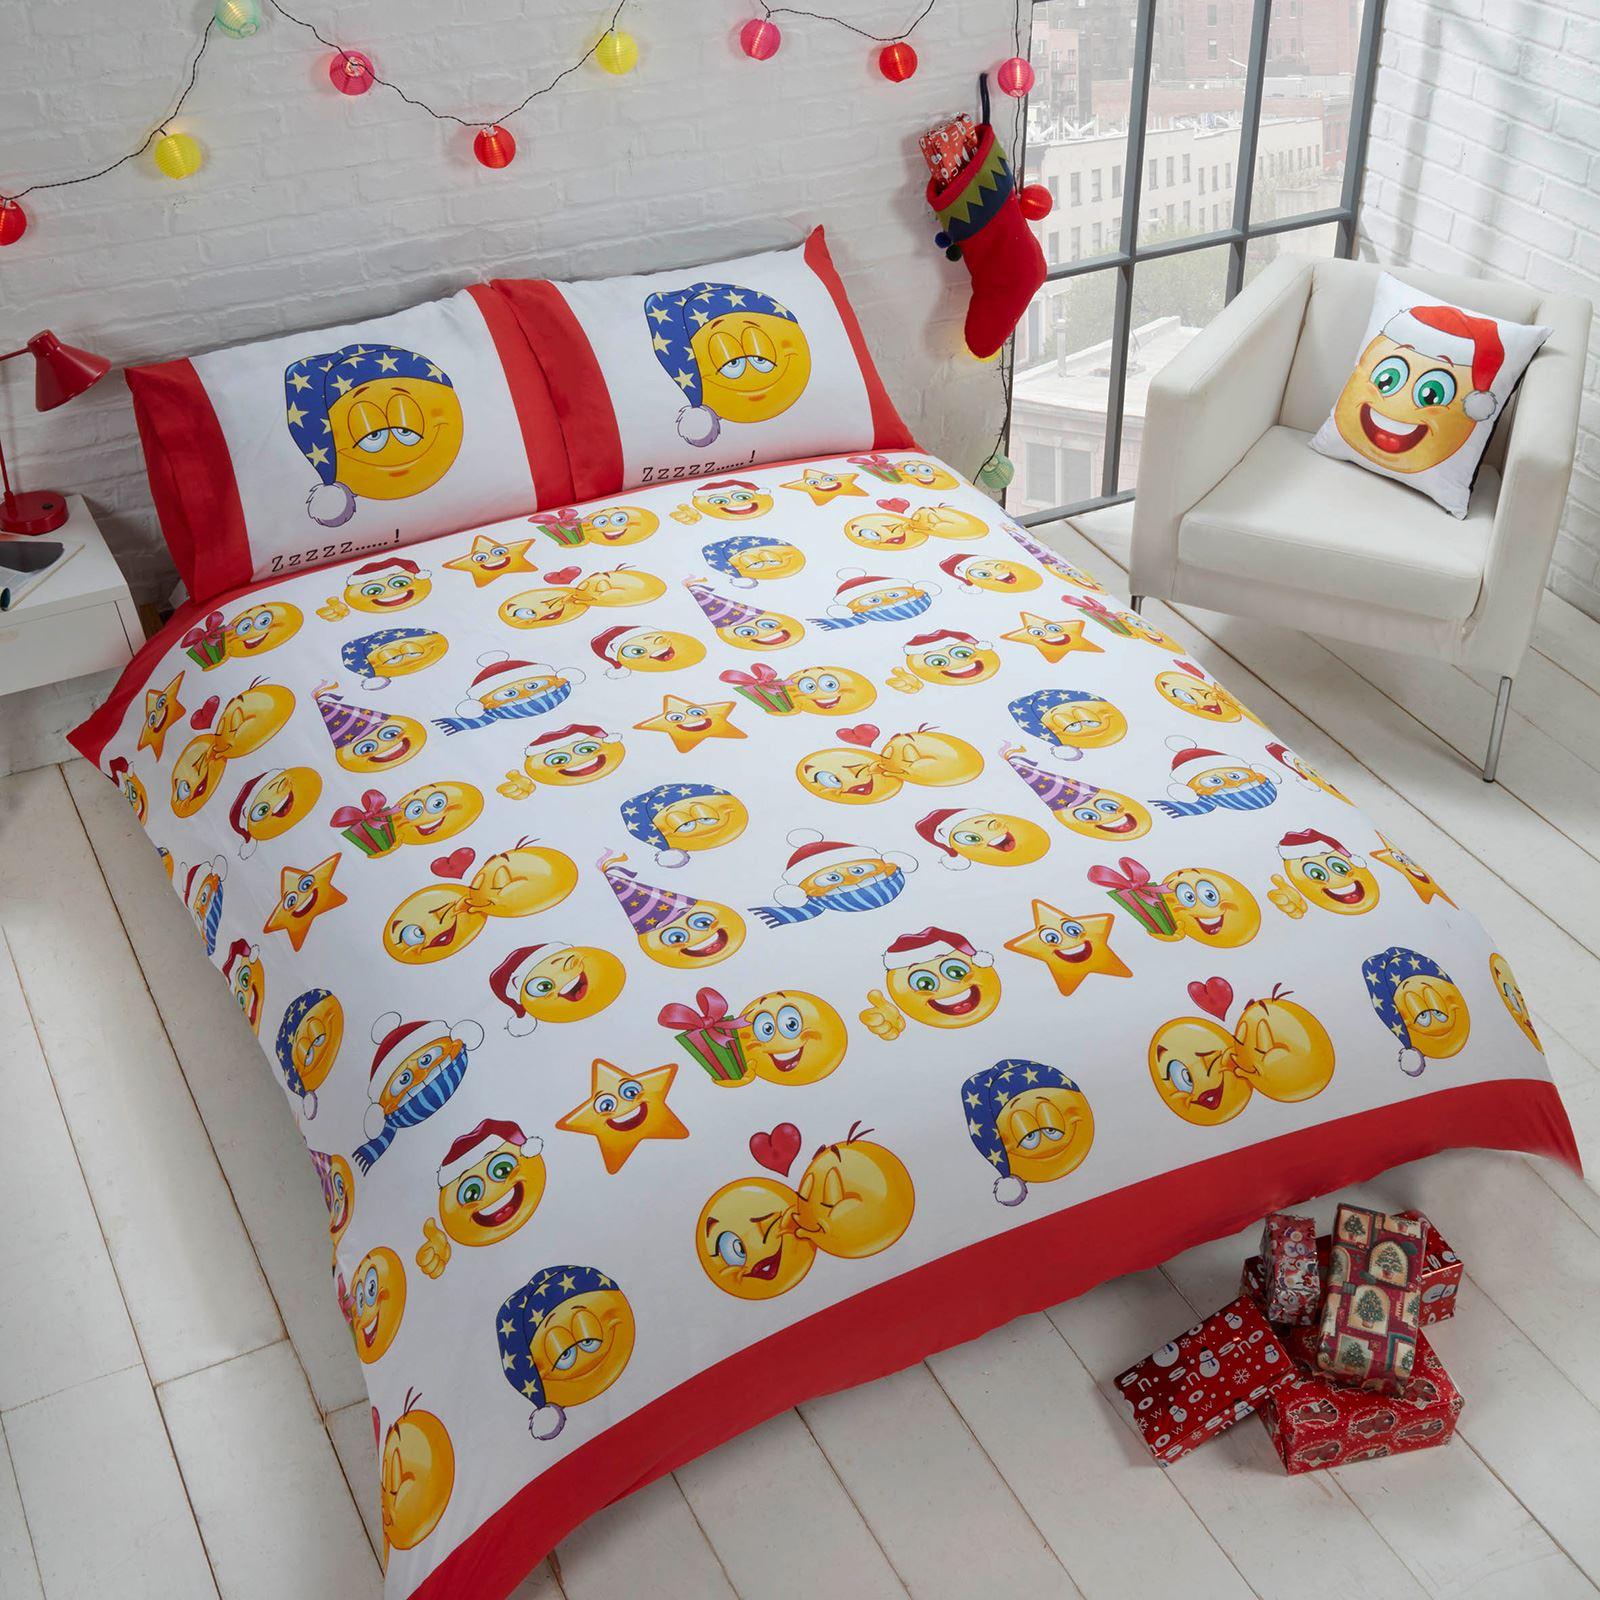 Indexbild 32 - Kinder Weihnachten Bettbezug Sets - Junior Einzel Doppel King - Elf Emoji Grinch